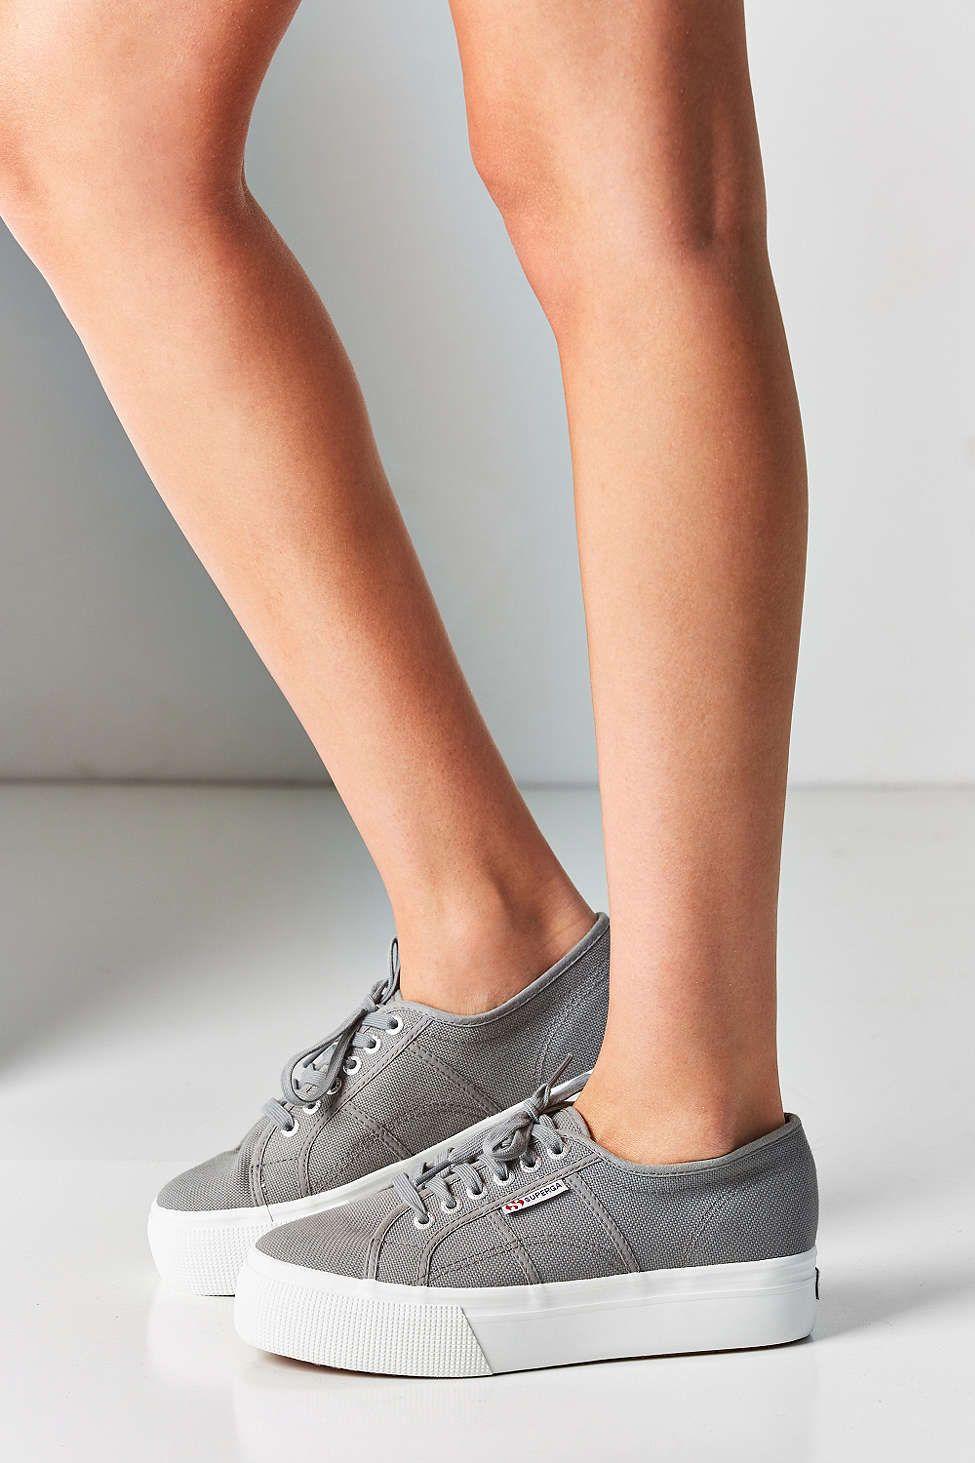 d05cf3f5dfe5 Superga 2790 Linea Platform Sneaker